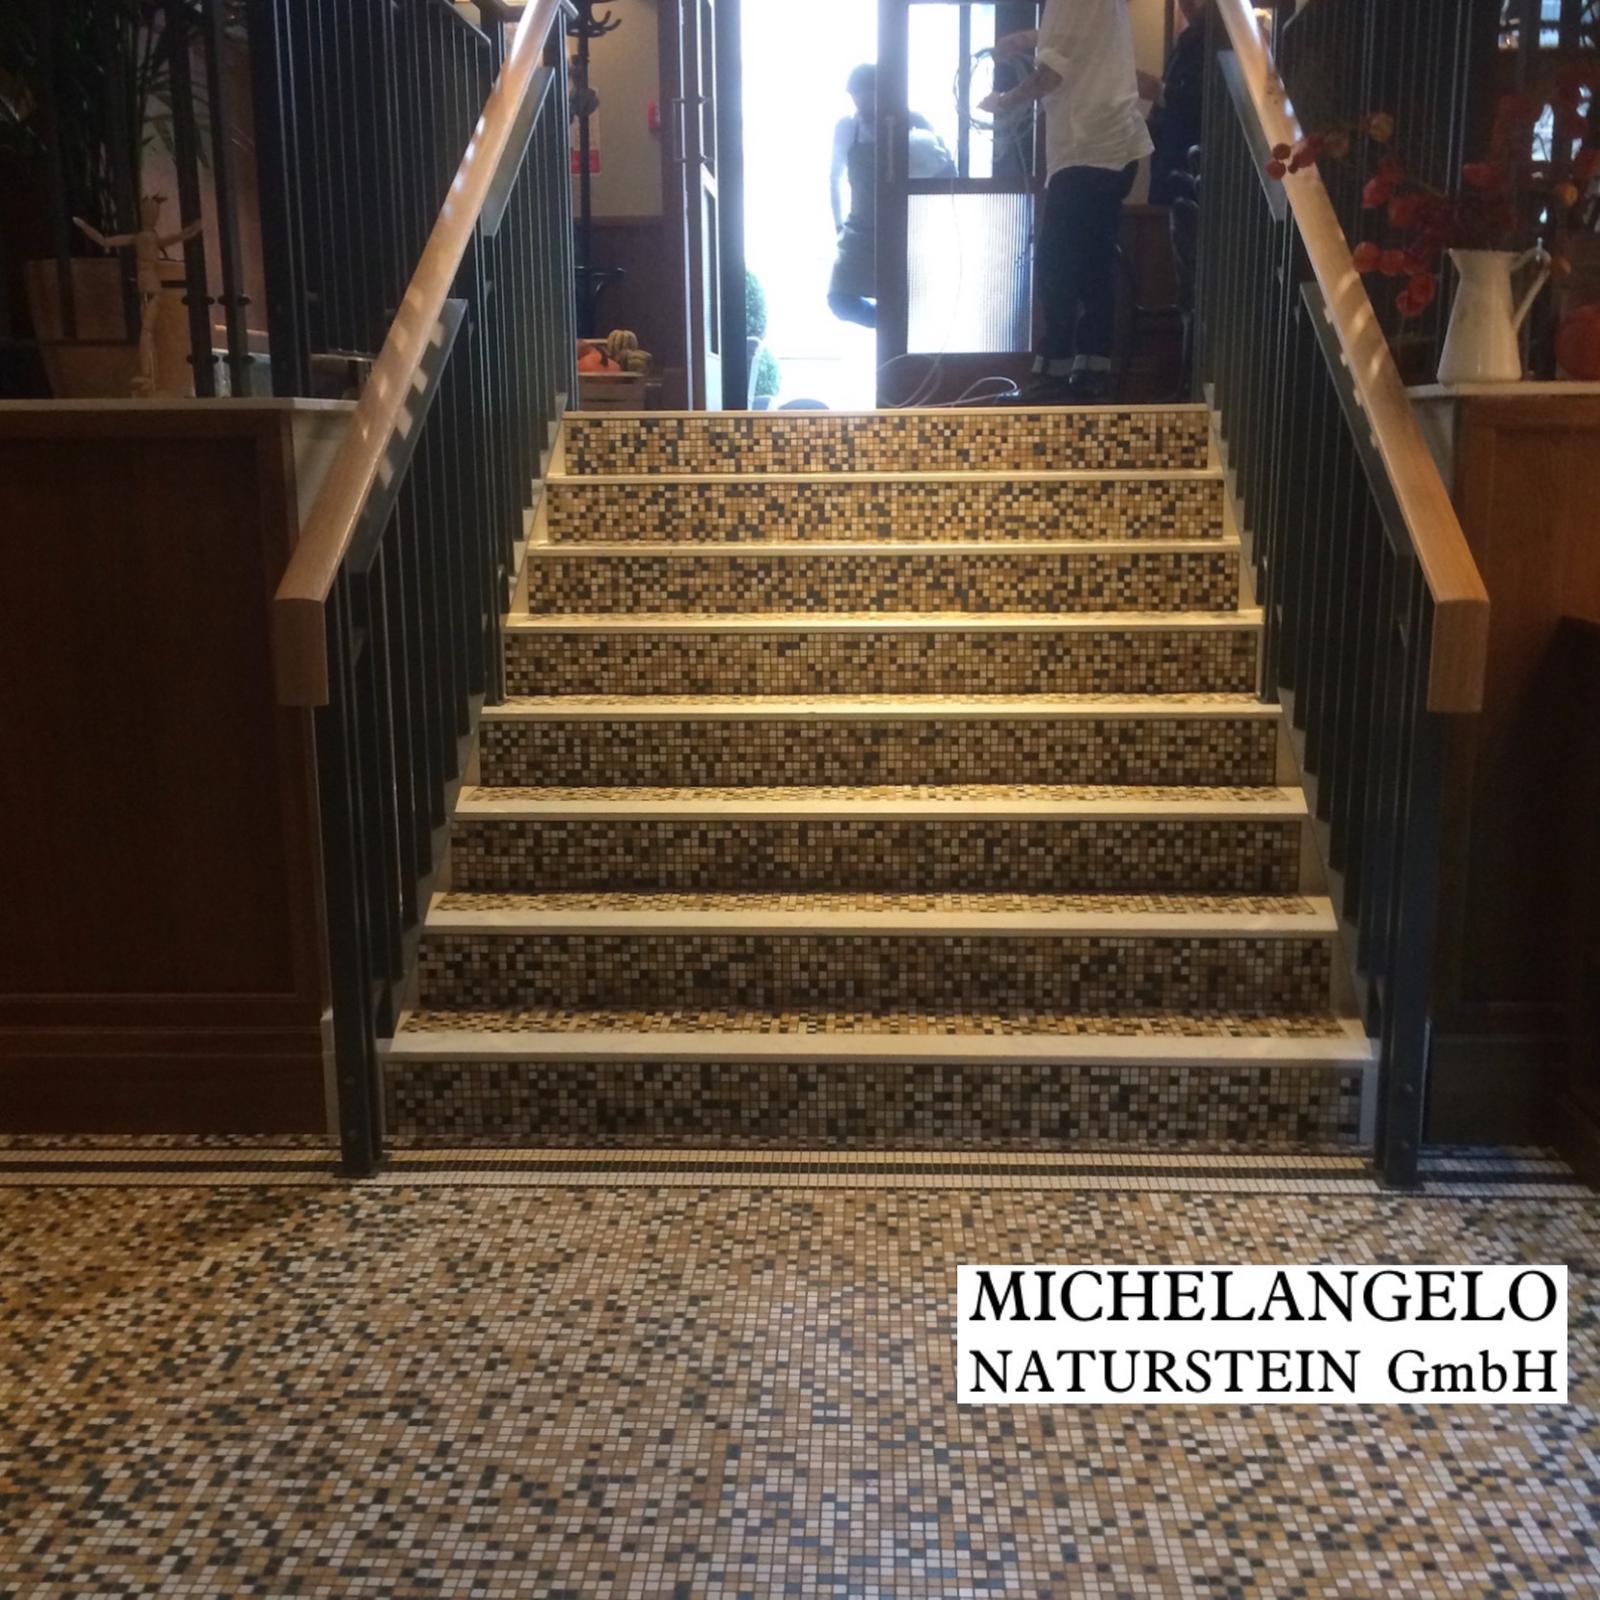 Bodenbeläge mit Michelangelo Naturstein